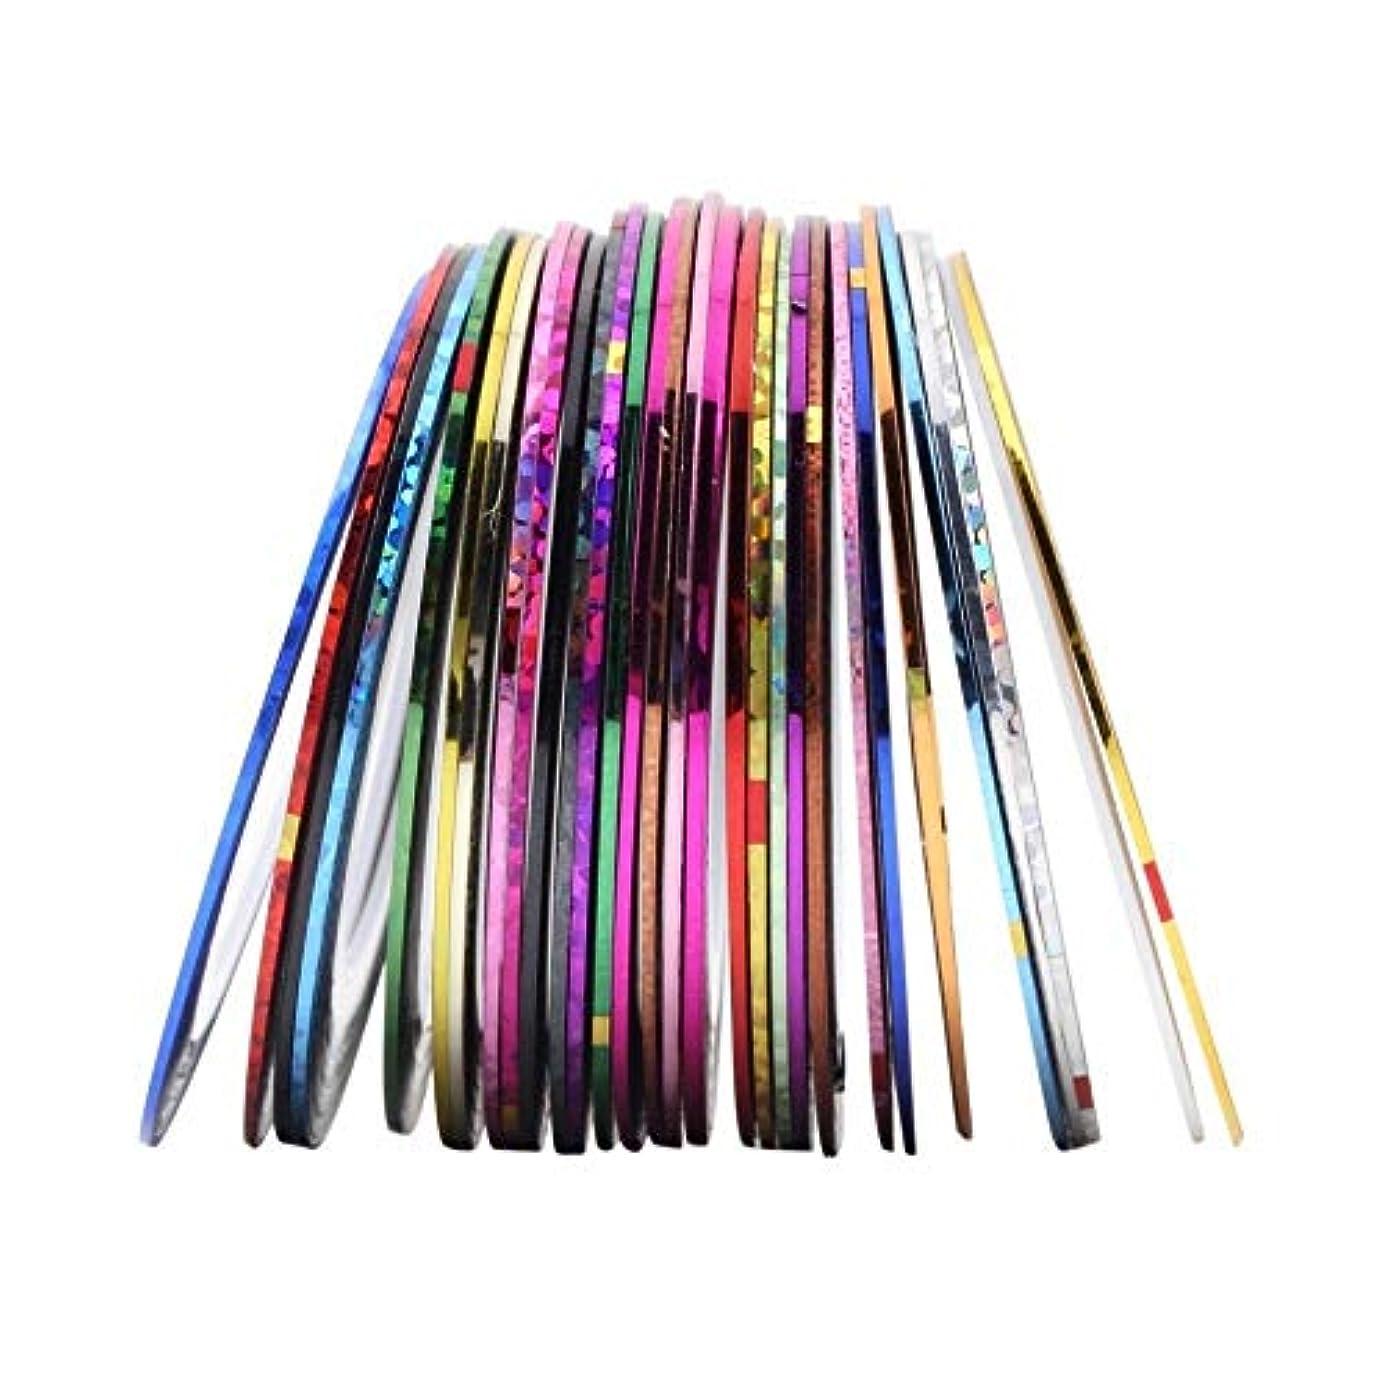 アラブ子僕のネイル用品 ラインテープ シート ジェルネイル用 マニキュア セット ジェルネイル アート用ラインテープ 専用ケース 38色/セット